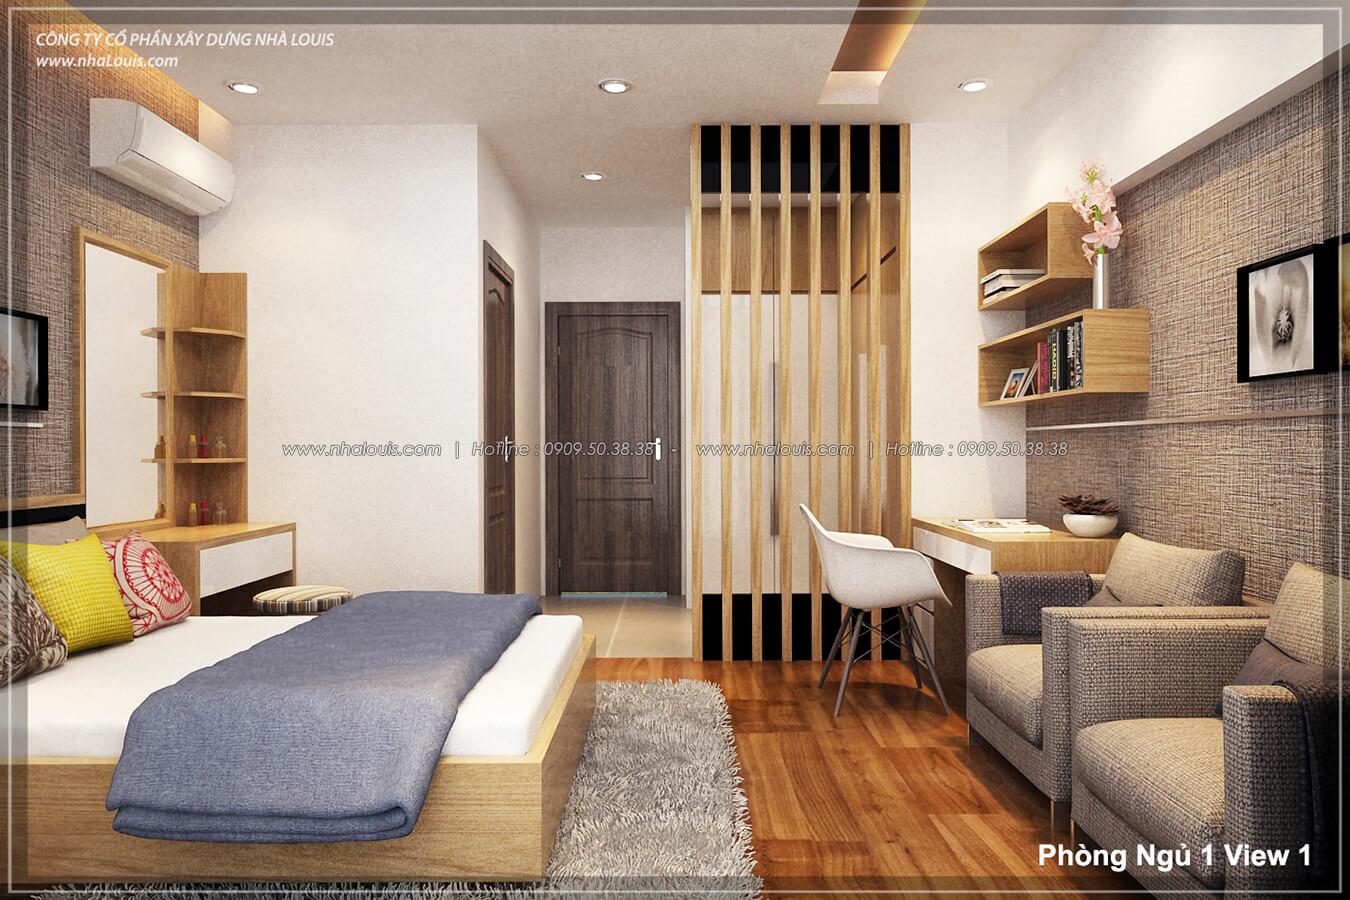 Phòng ngủ Thiết kế nhà lệch tầng đẹp 4.5x14.5m hiện đại tại quận Tân Bình - 12